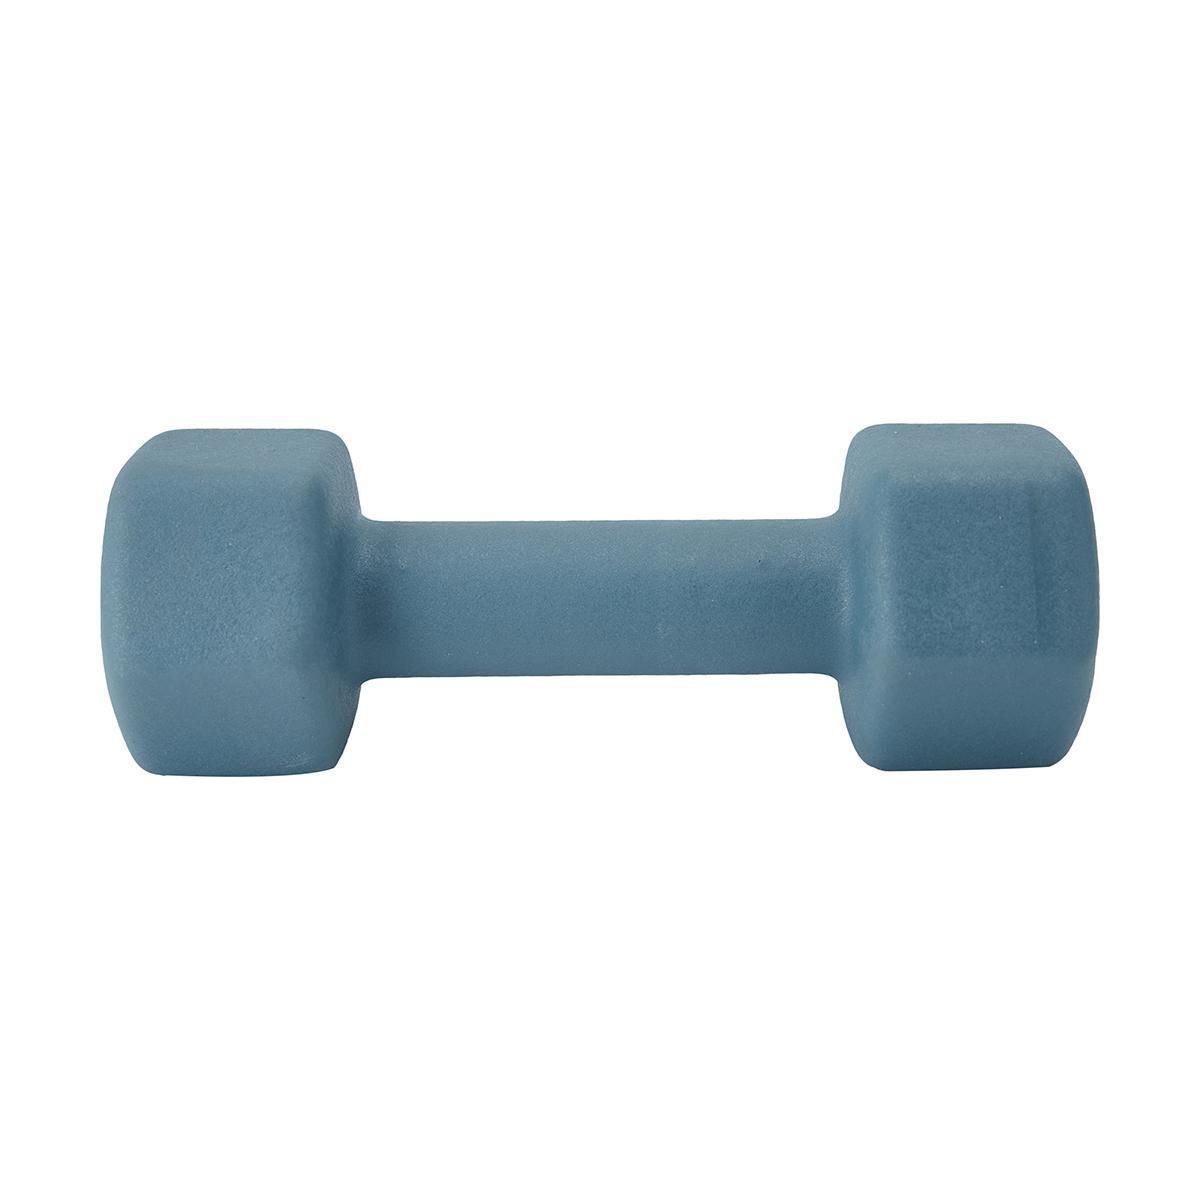 Dumbbell Set Mr Price Sport: 5kg Dumbbell